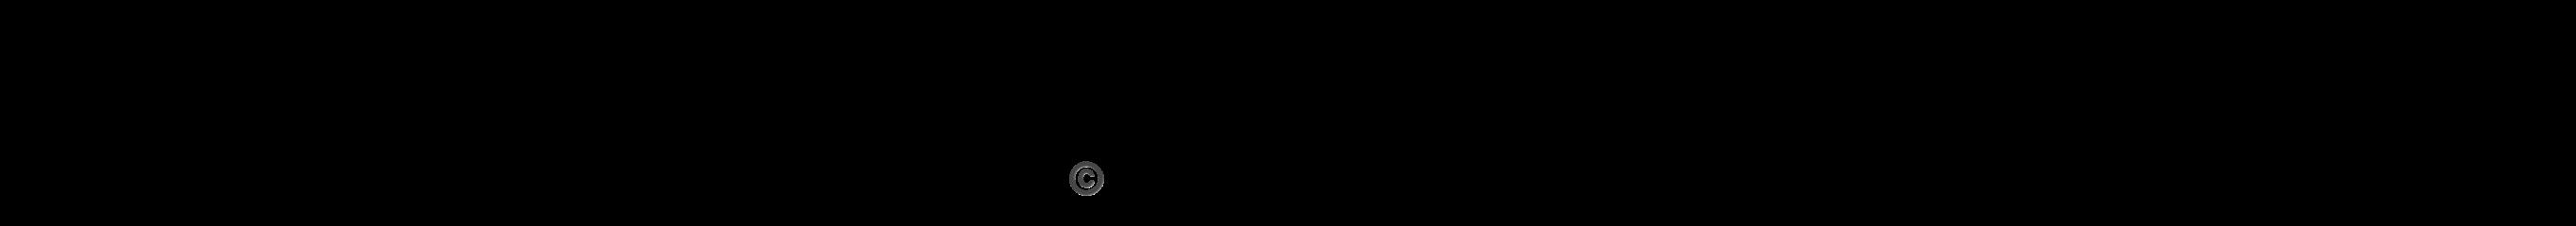 Sudelsurium